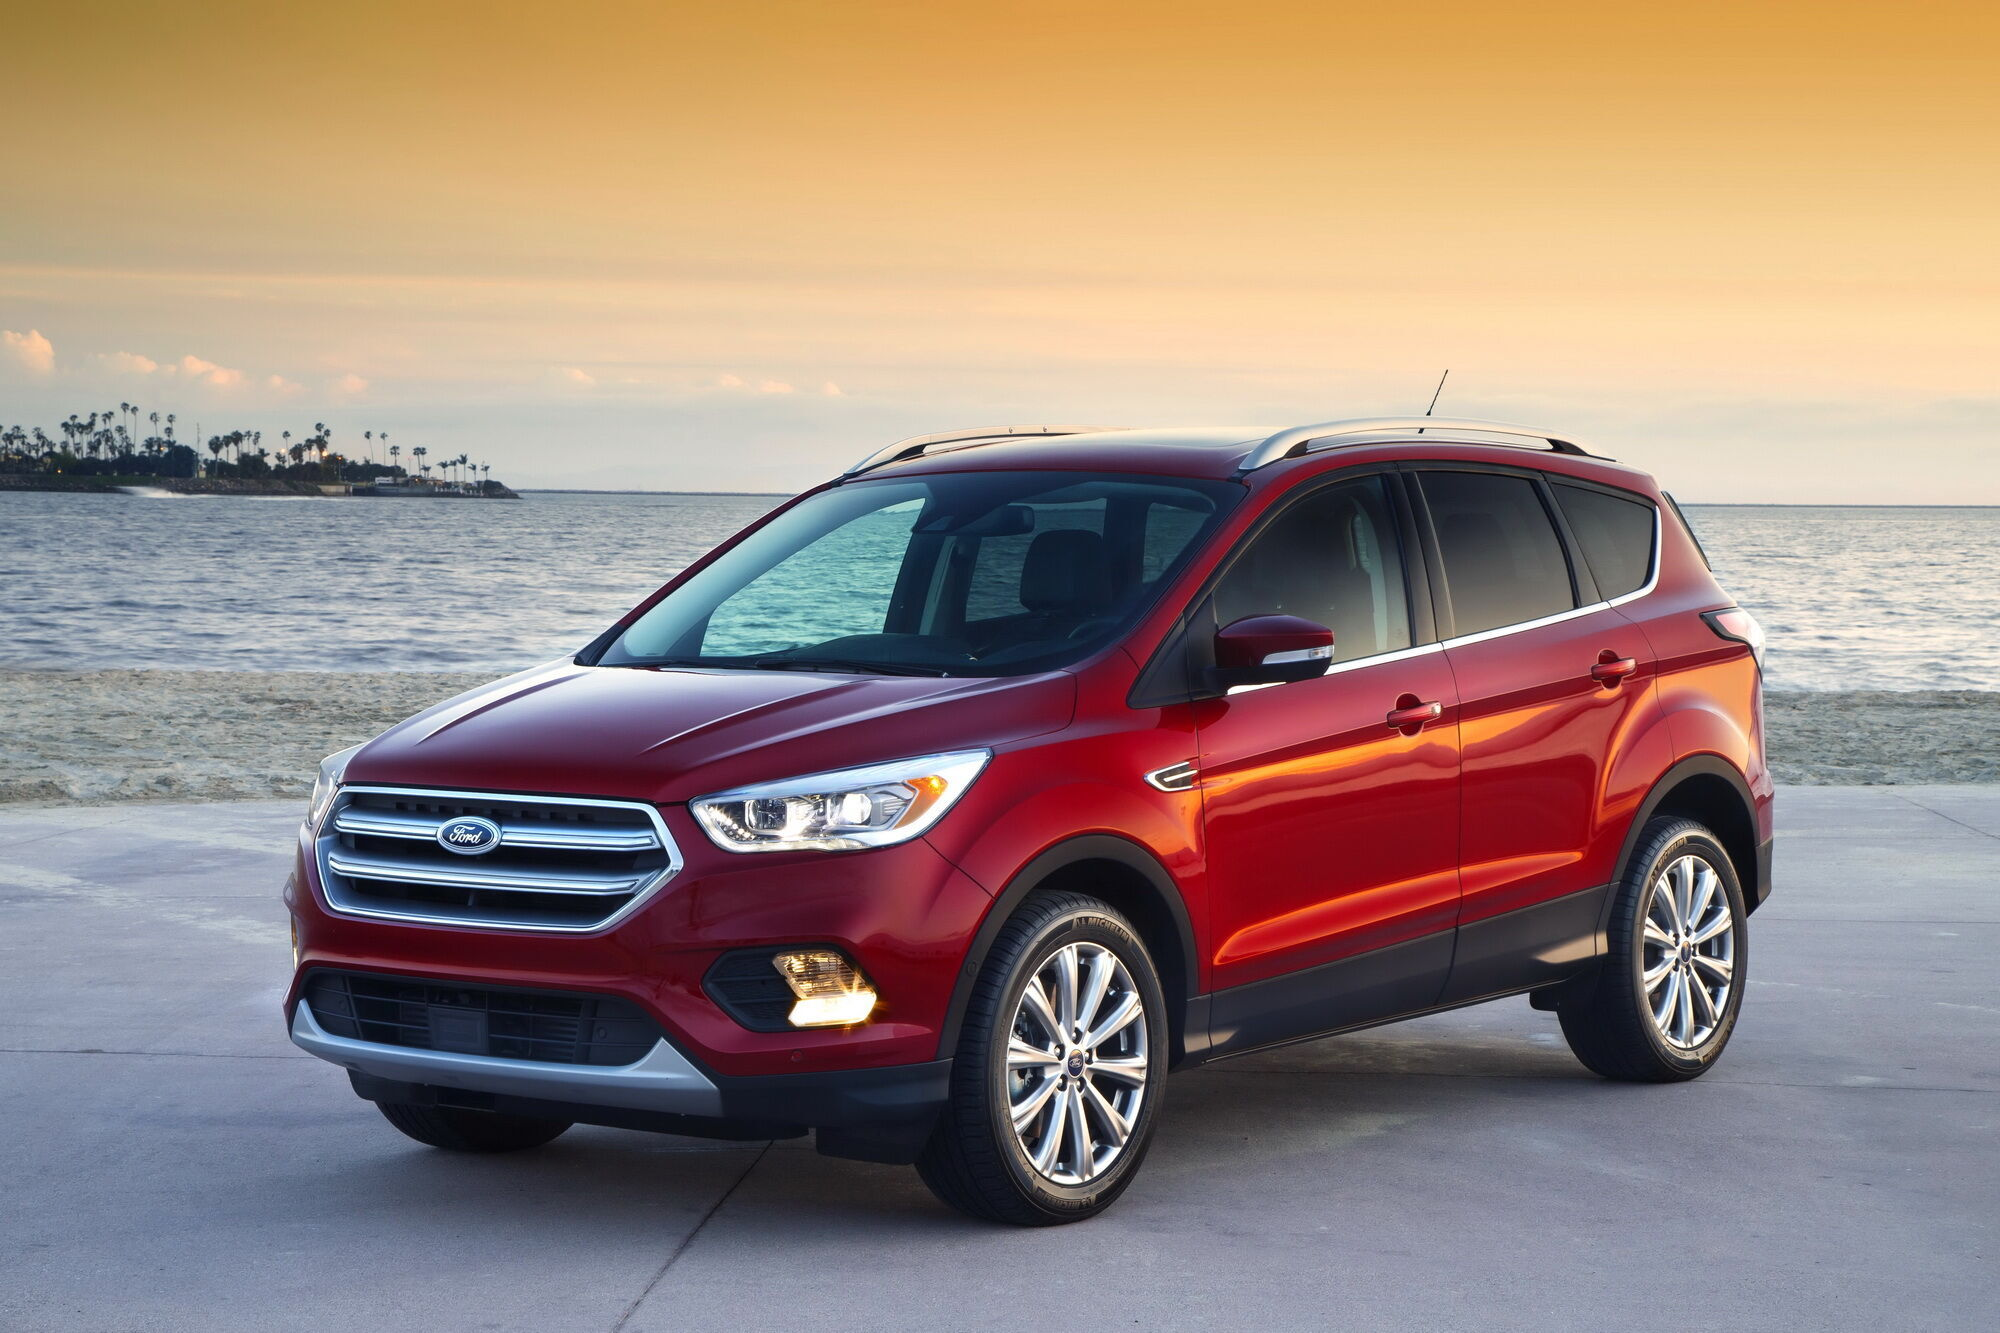 У категорії кросоверів покупці віддають перевагу Ford Escape